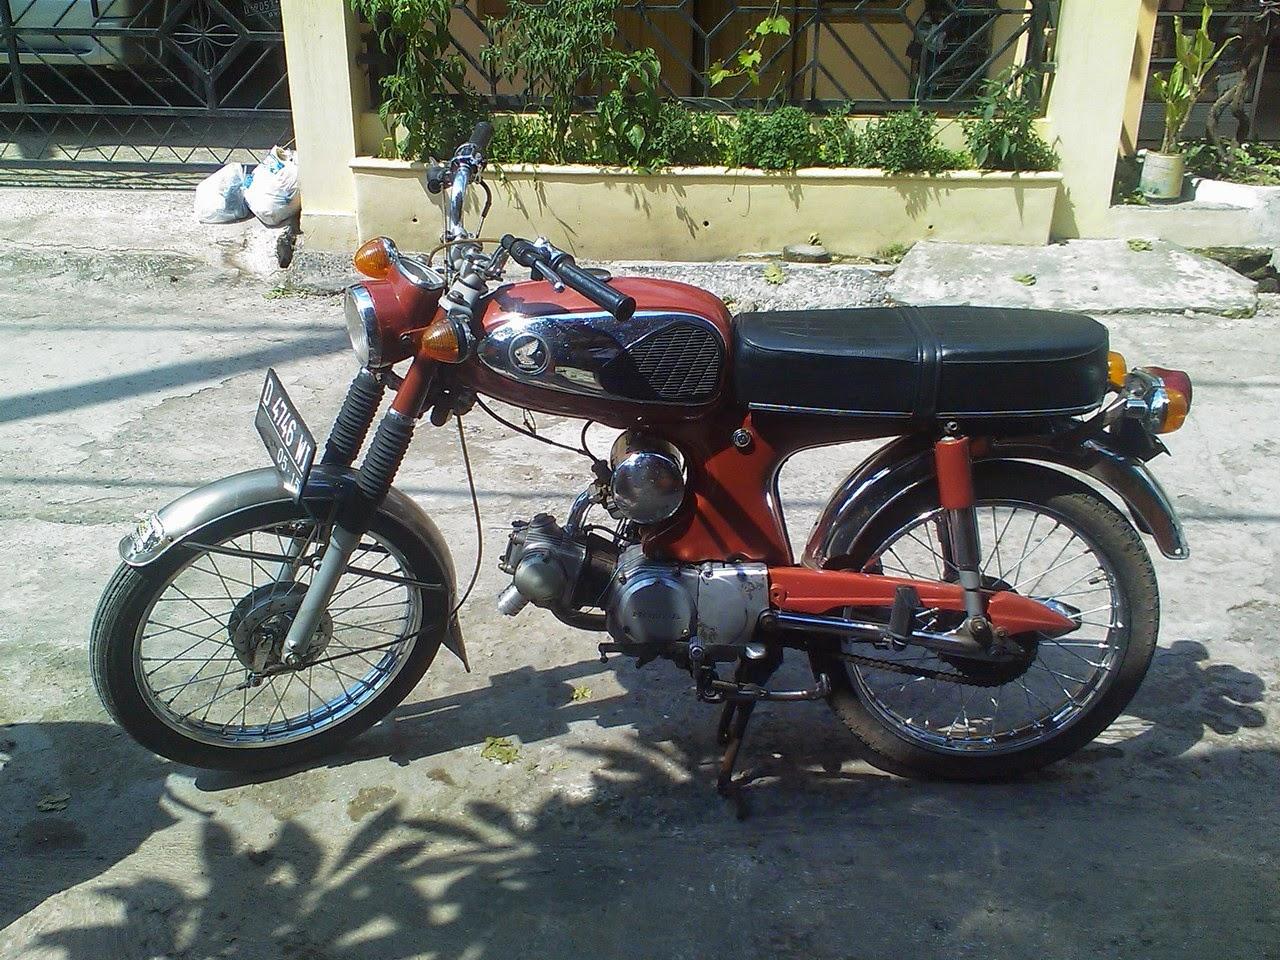 Berikut Ini Saya Kumpulkan Beberapa Koleksi Gambar Sepeda Motor Lawas